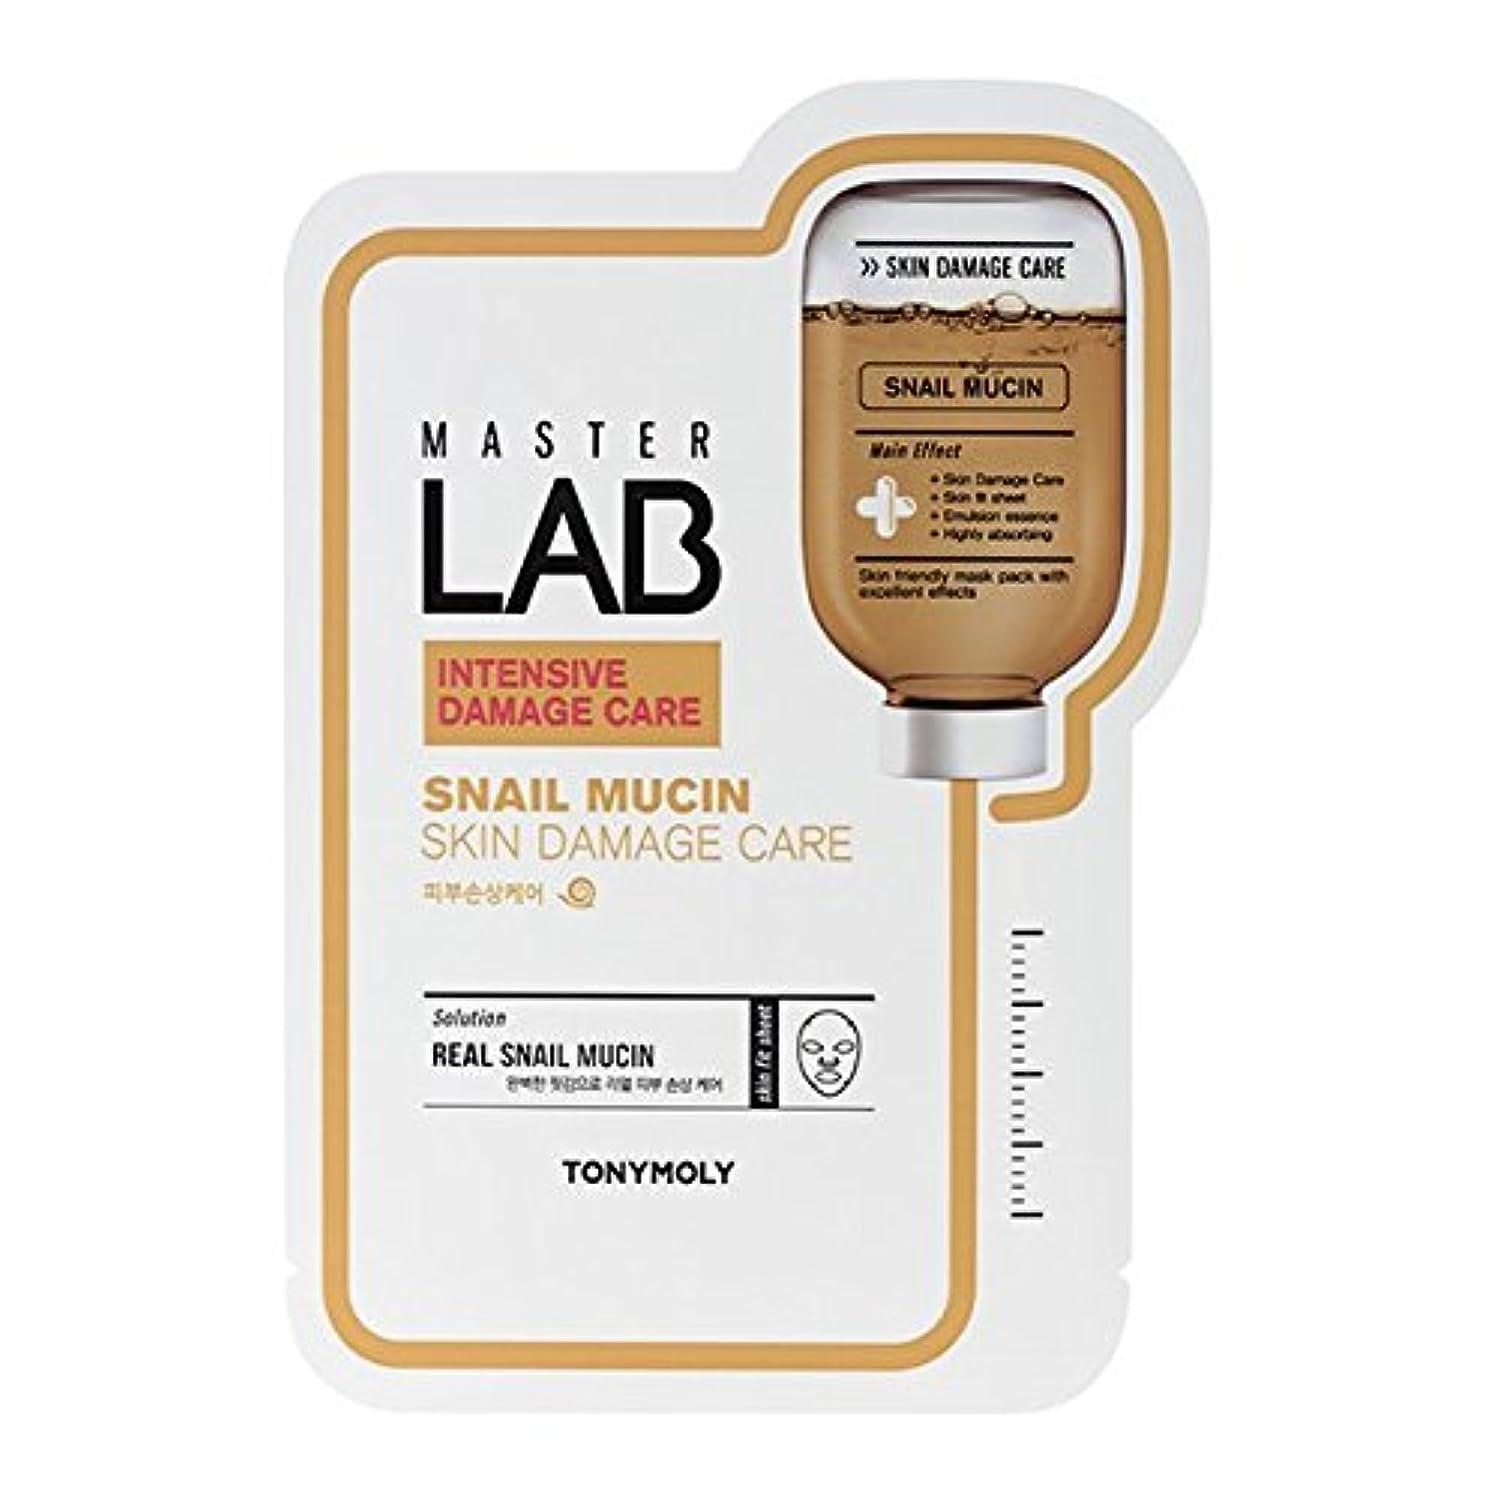 億倍率テストTONYMOLY Master Lab Mask Snail Mucin (Skin Damage Care) (並行輸入品)